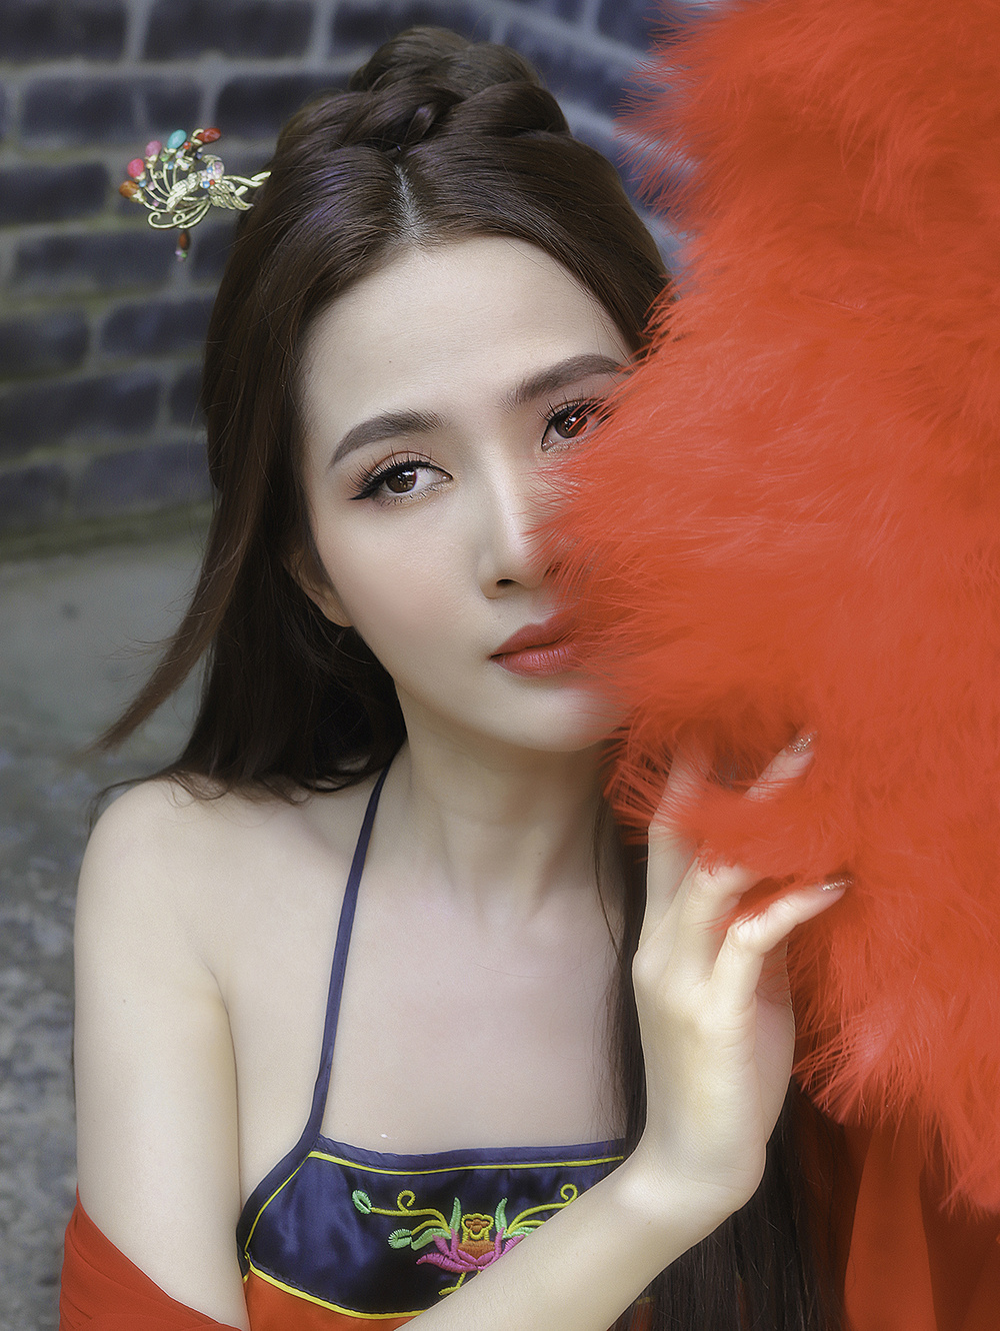 Phan Thị Mơ hóa tiên nữ, hững hờ thềm ngực quyến rũ mê hồn Ảnh 7